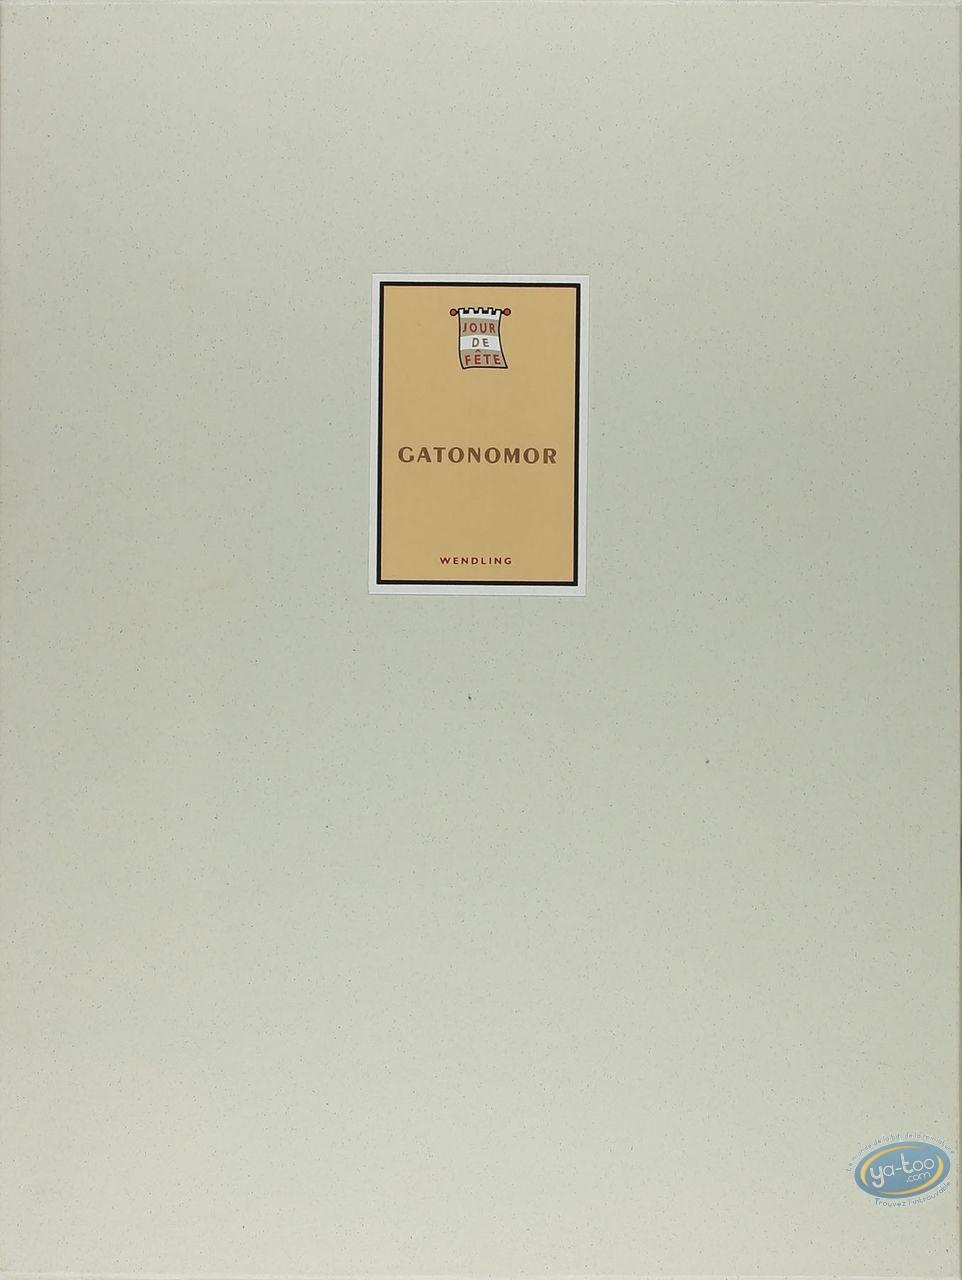 Portfolio, Wendling : Wendling, Gatonomor